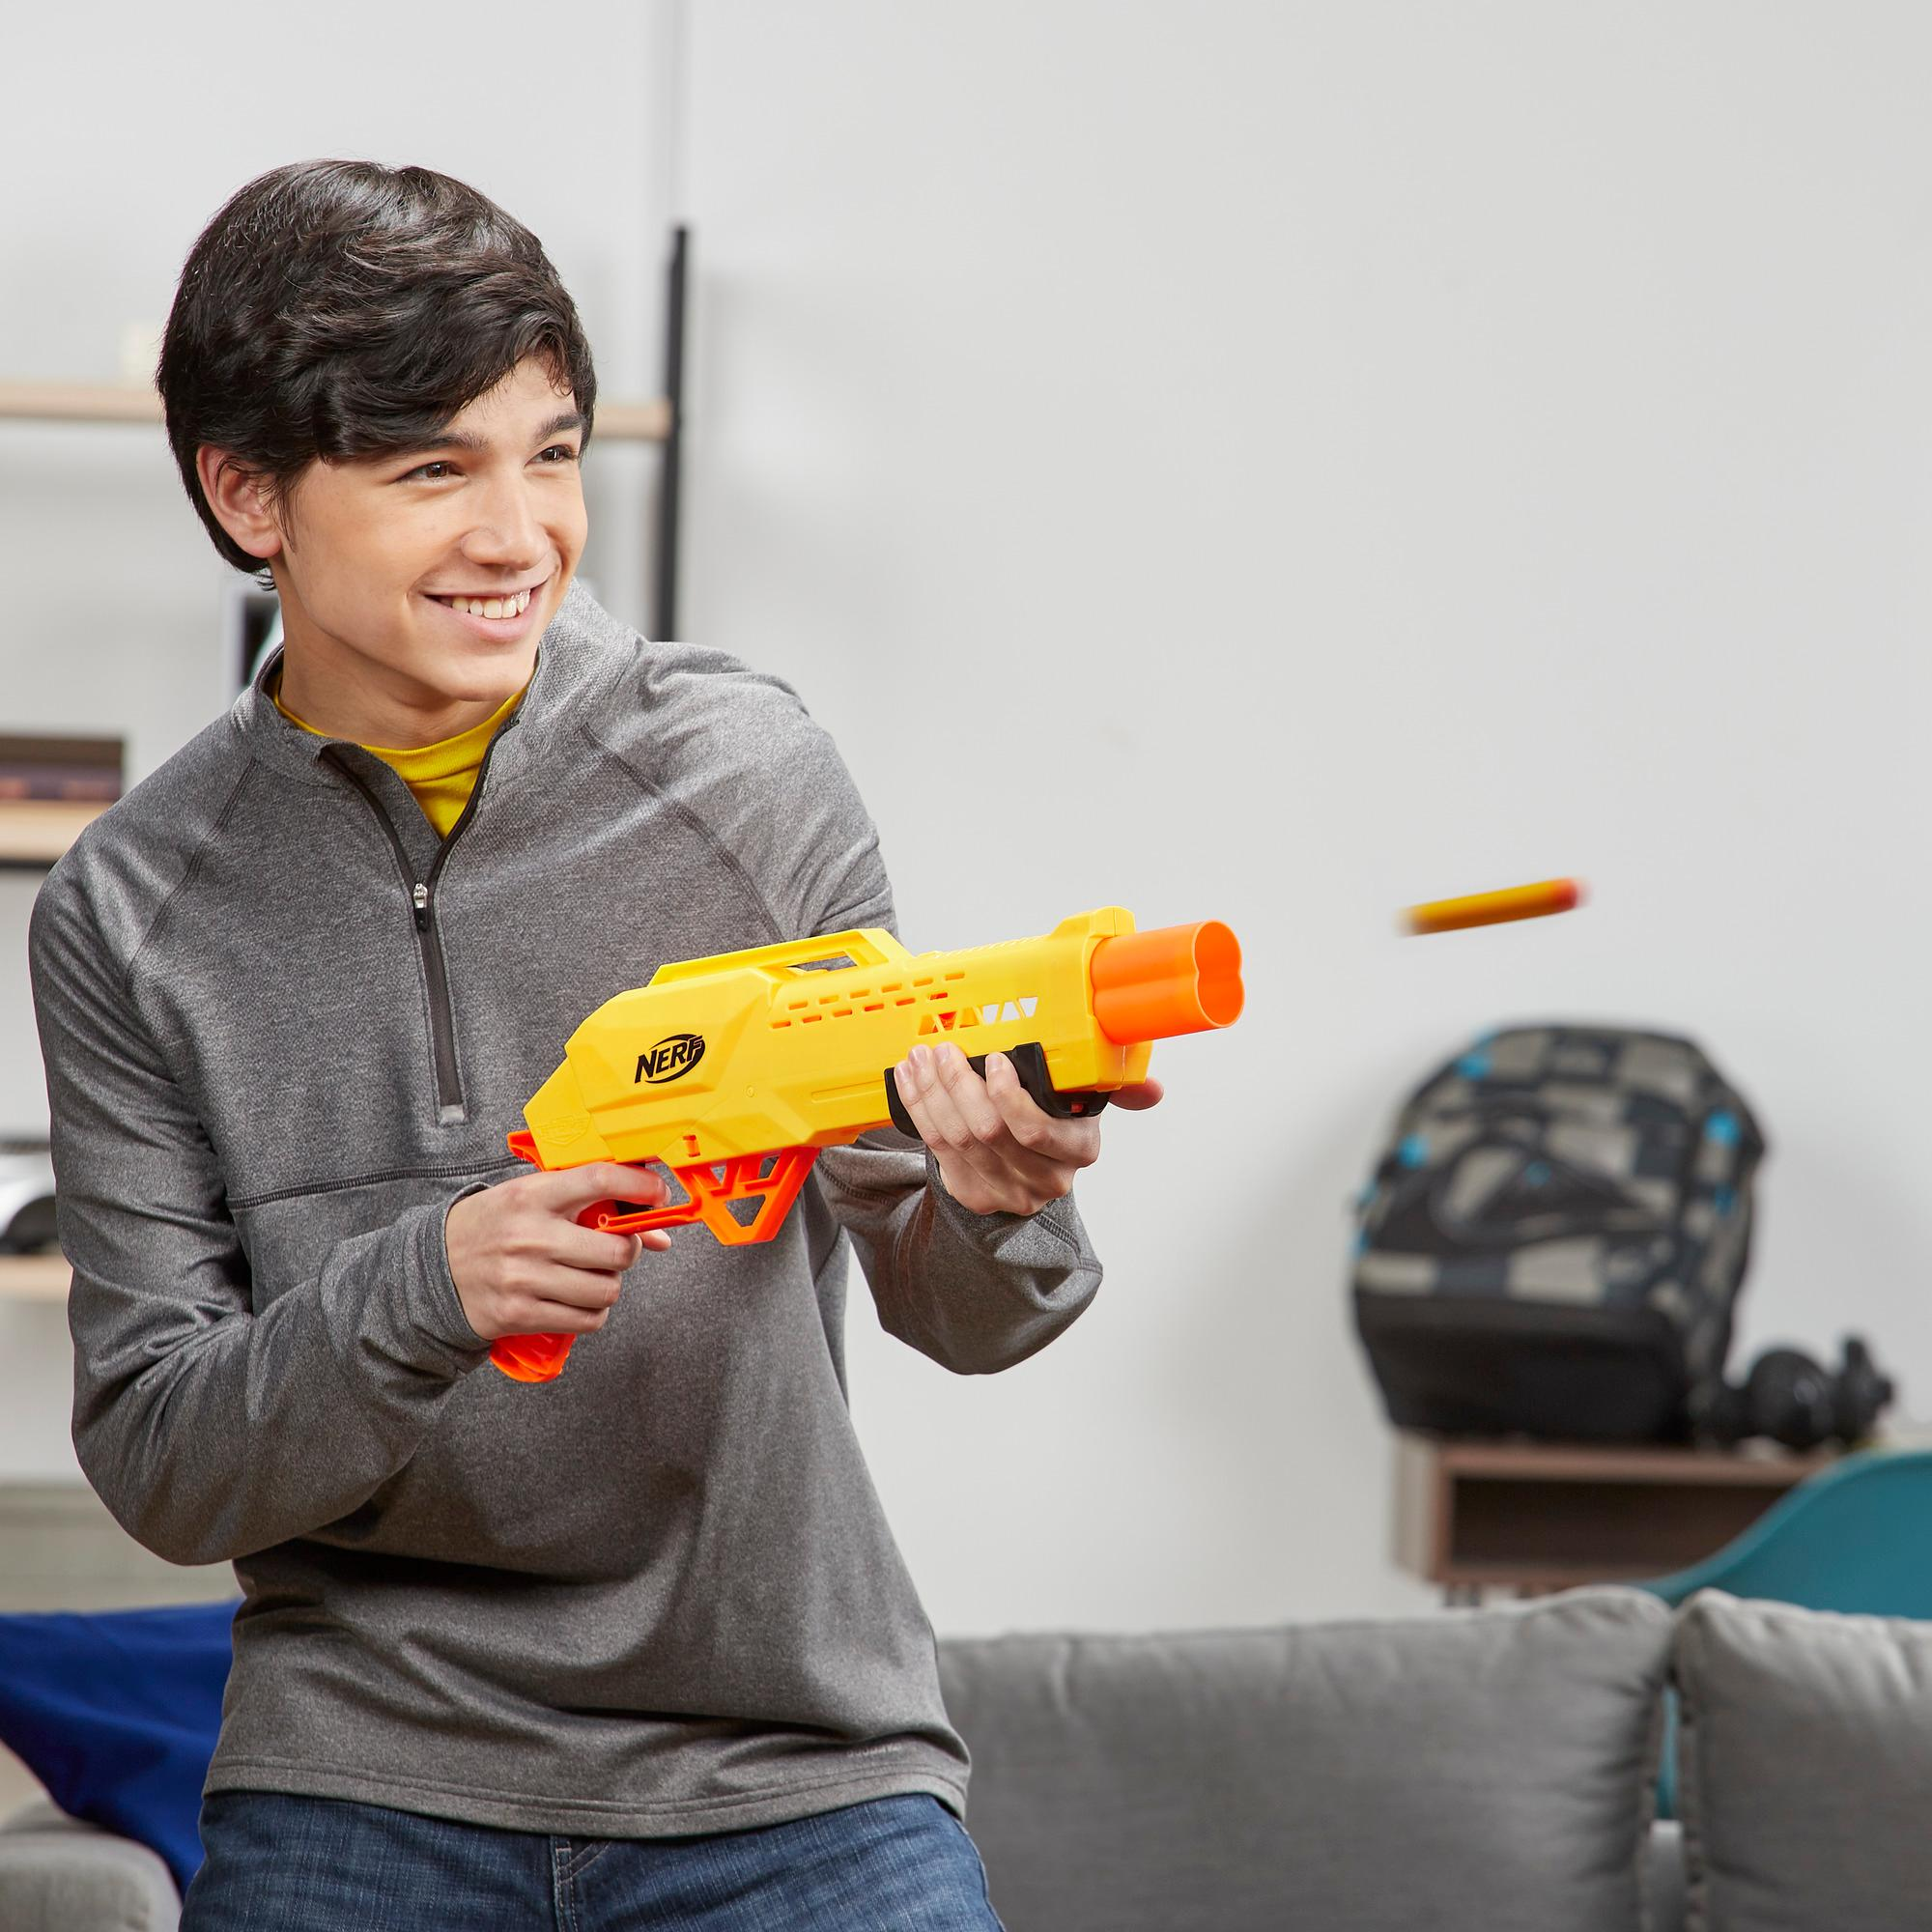 Tiger DB-2 Nerf Alpha Strike Toy Blaster